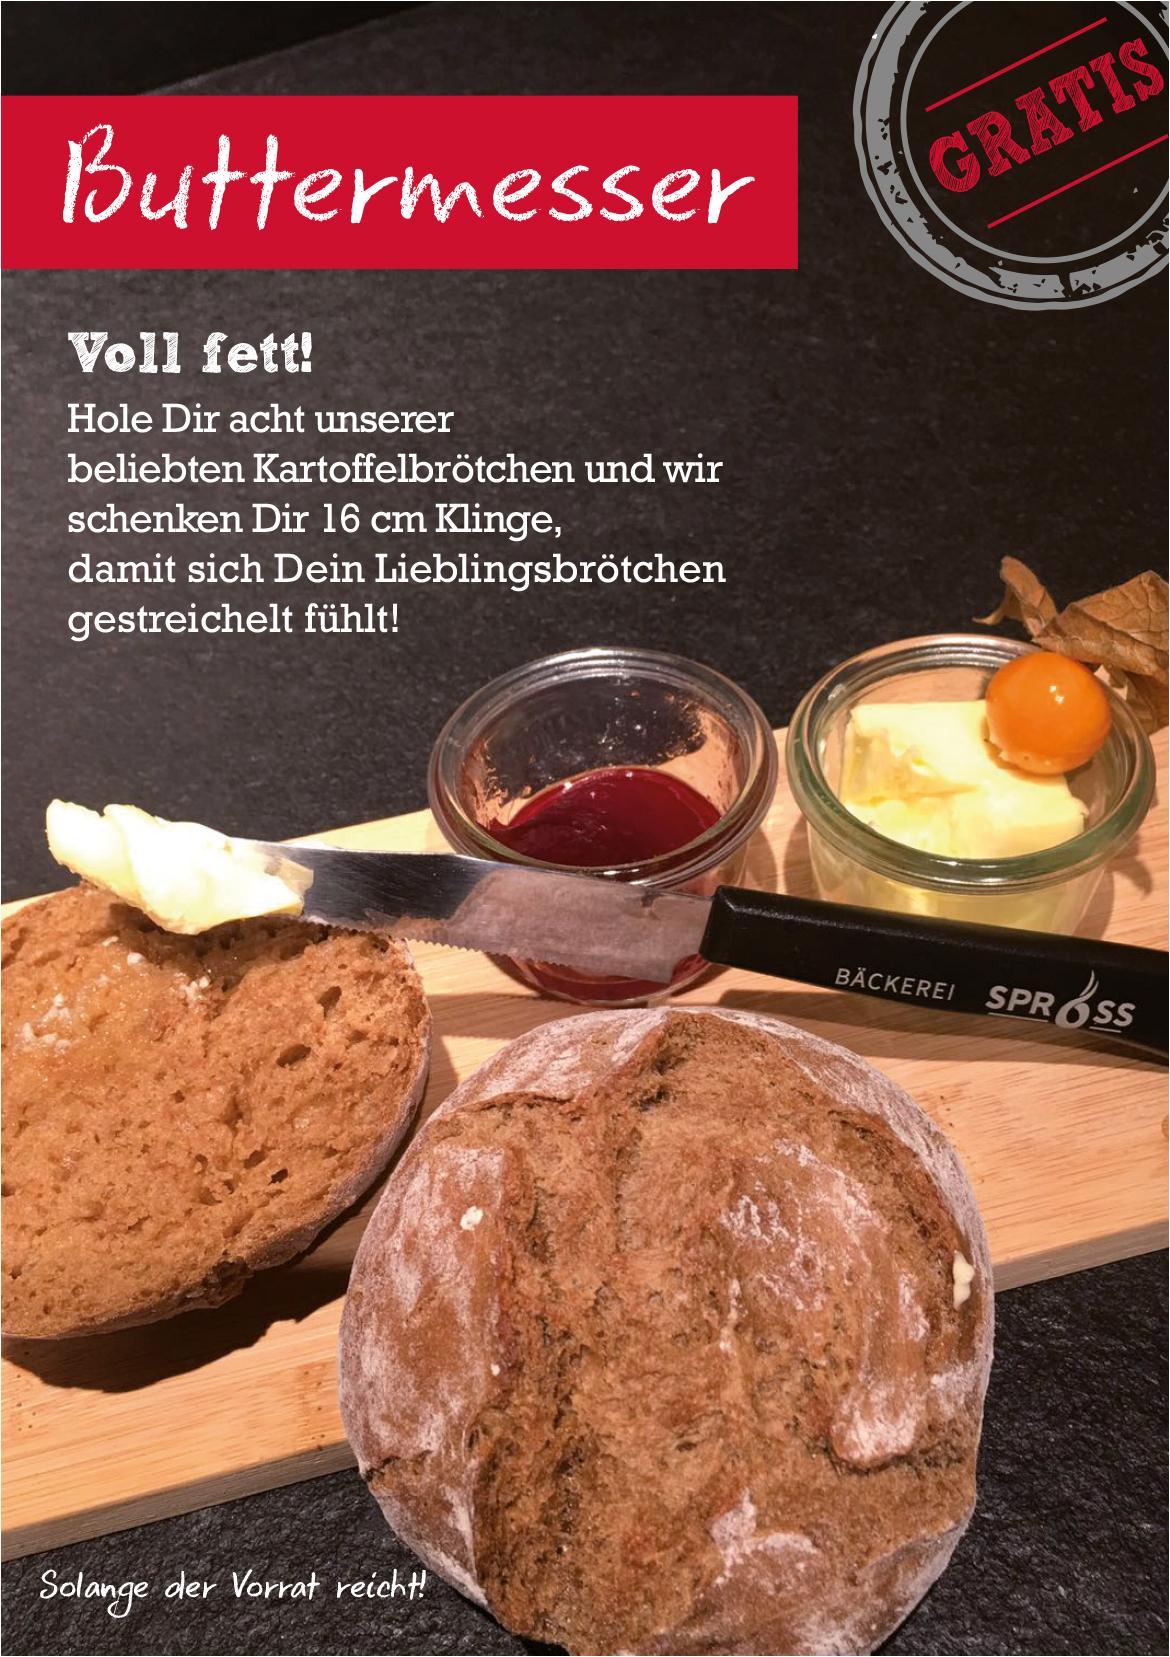 angebot-buttermesser